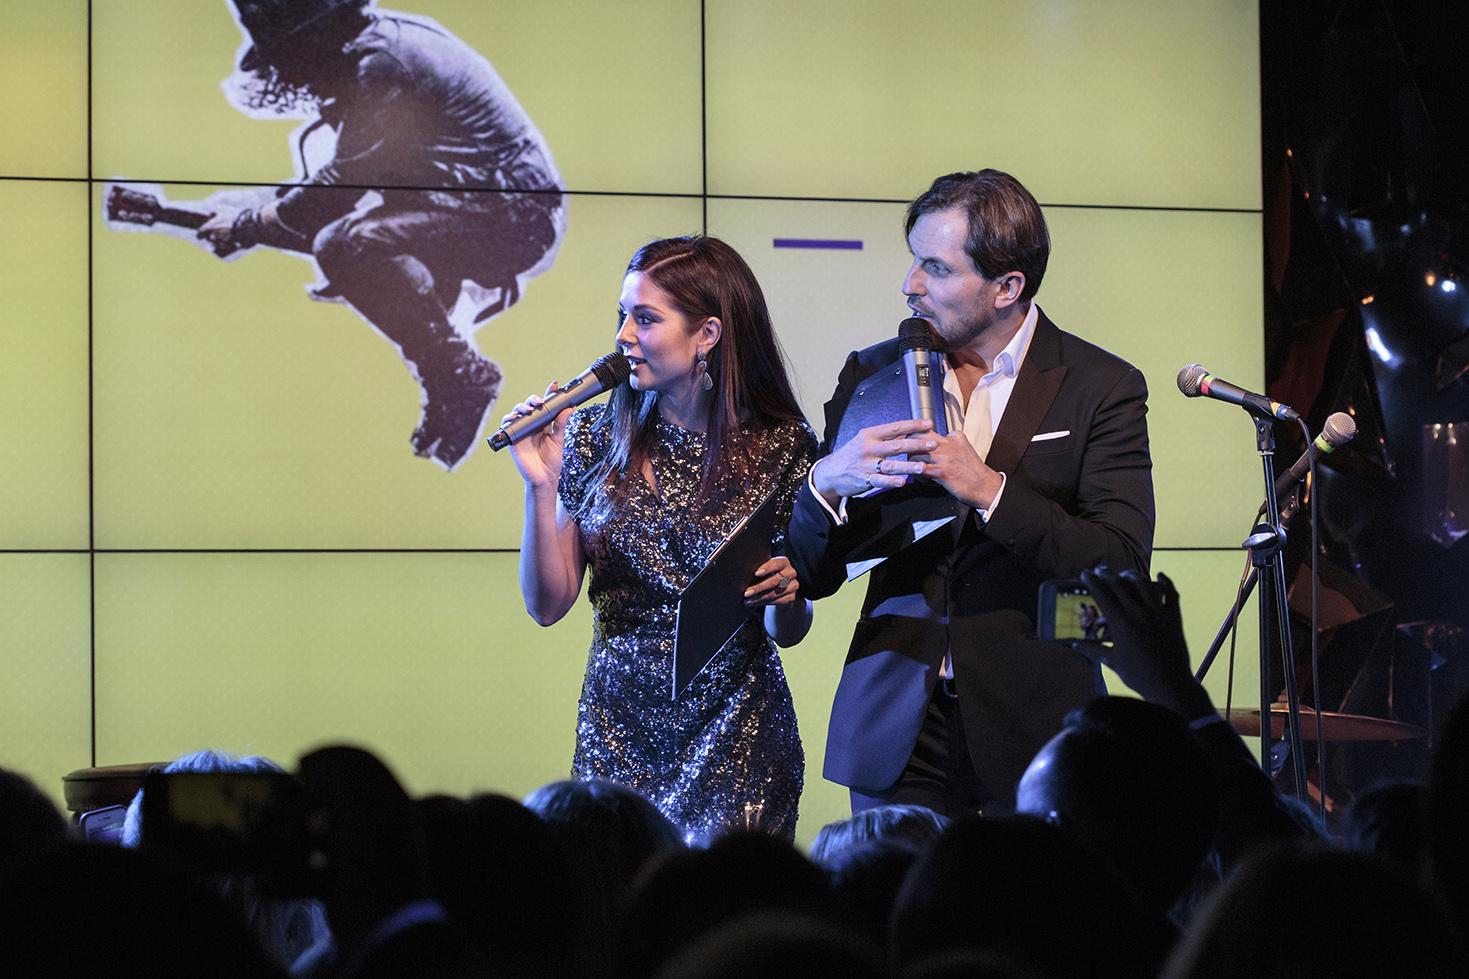 Фото XVIII Золотая Горгулья - церемония, 18 церемония вручения независимой музыкальной премии